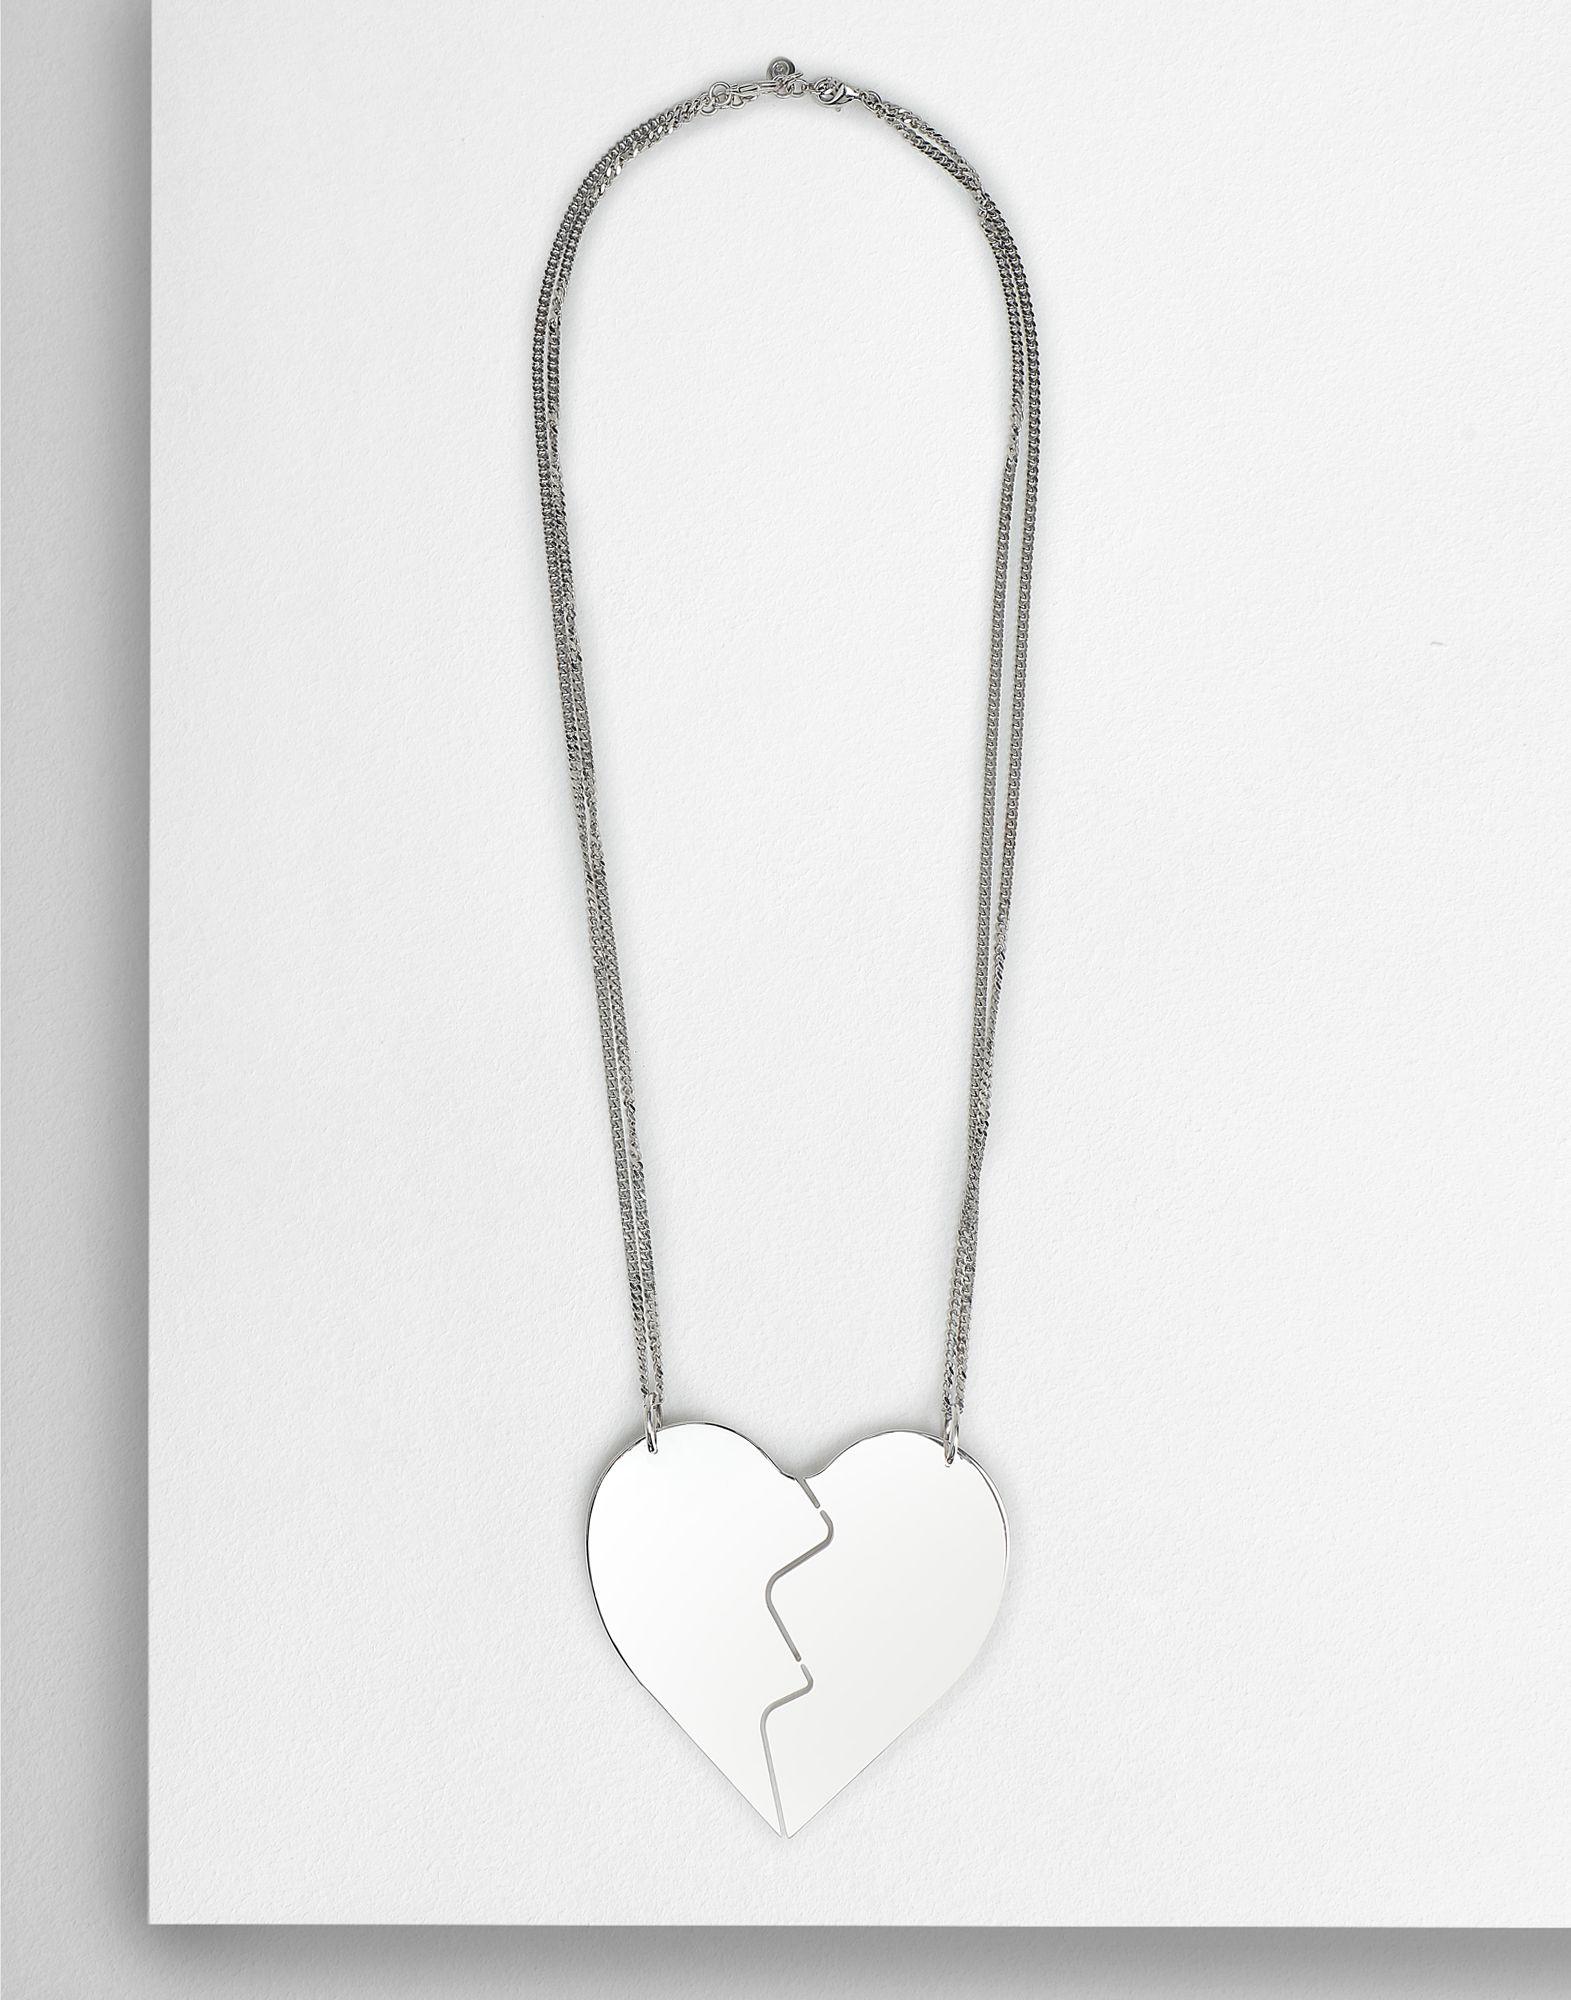 MM6 MAISON MARGIELA Friendship Heart necklaces Necklace Woman f